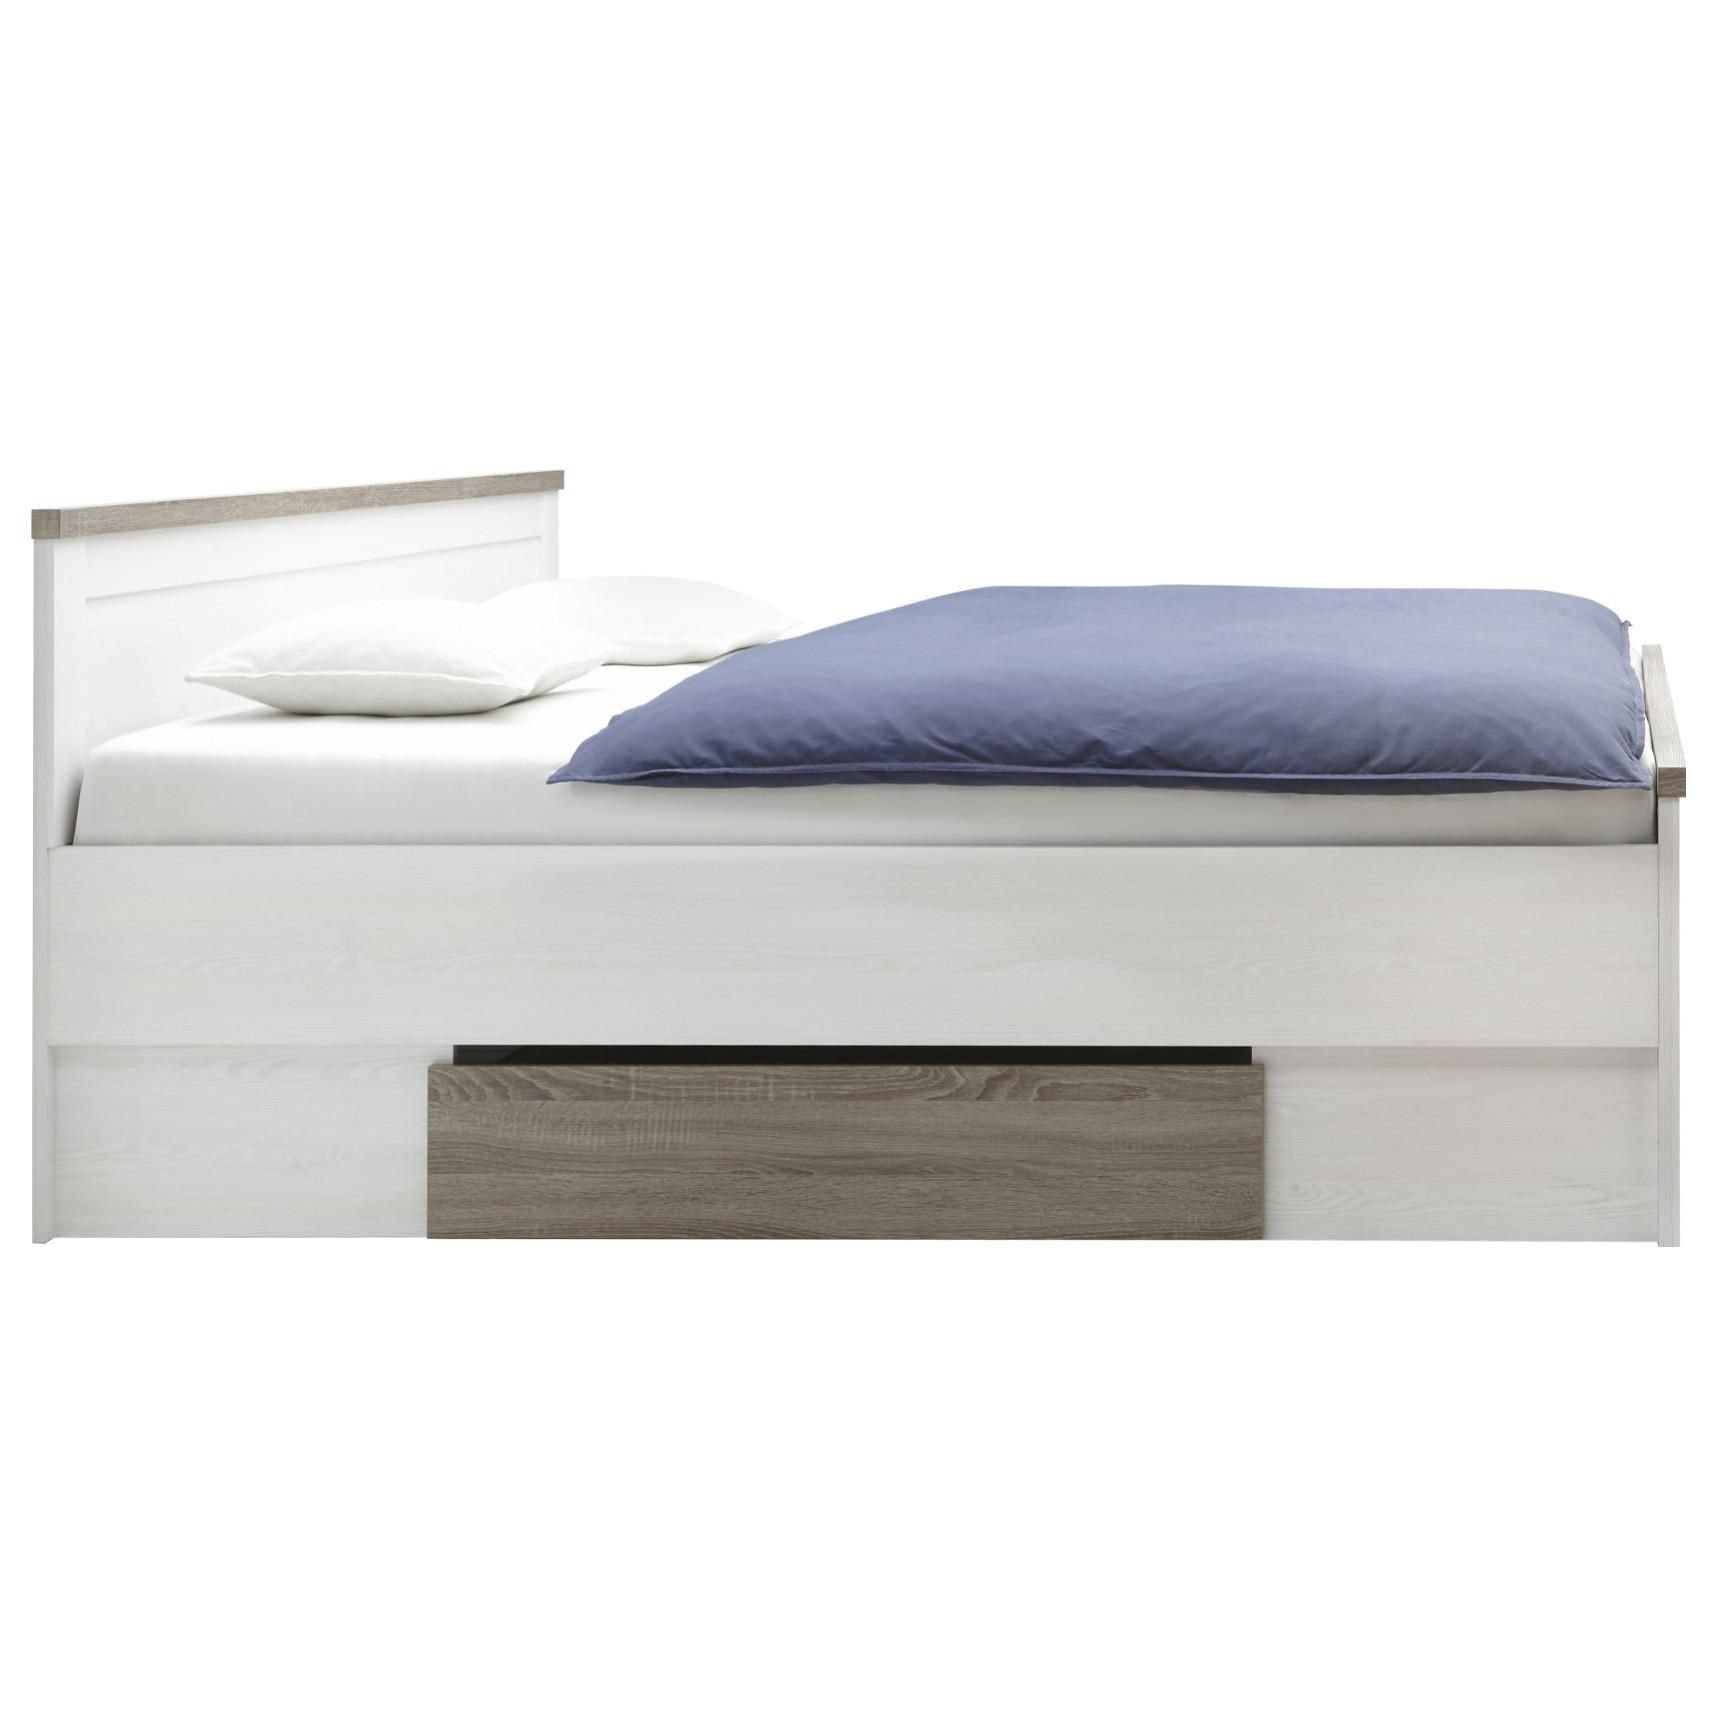 Sconto Posteľ s nočnými stolíkmi PARVATI biela, 180x200 cm Elegantná posteľ PARVATI je vyrobená z odolného laminovaného materiálu v príjemnej kombinácii drevených dekorov.